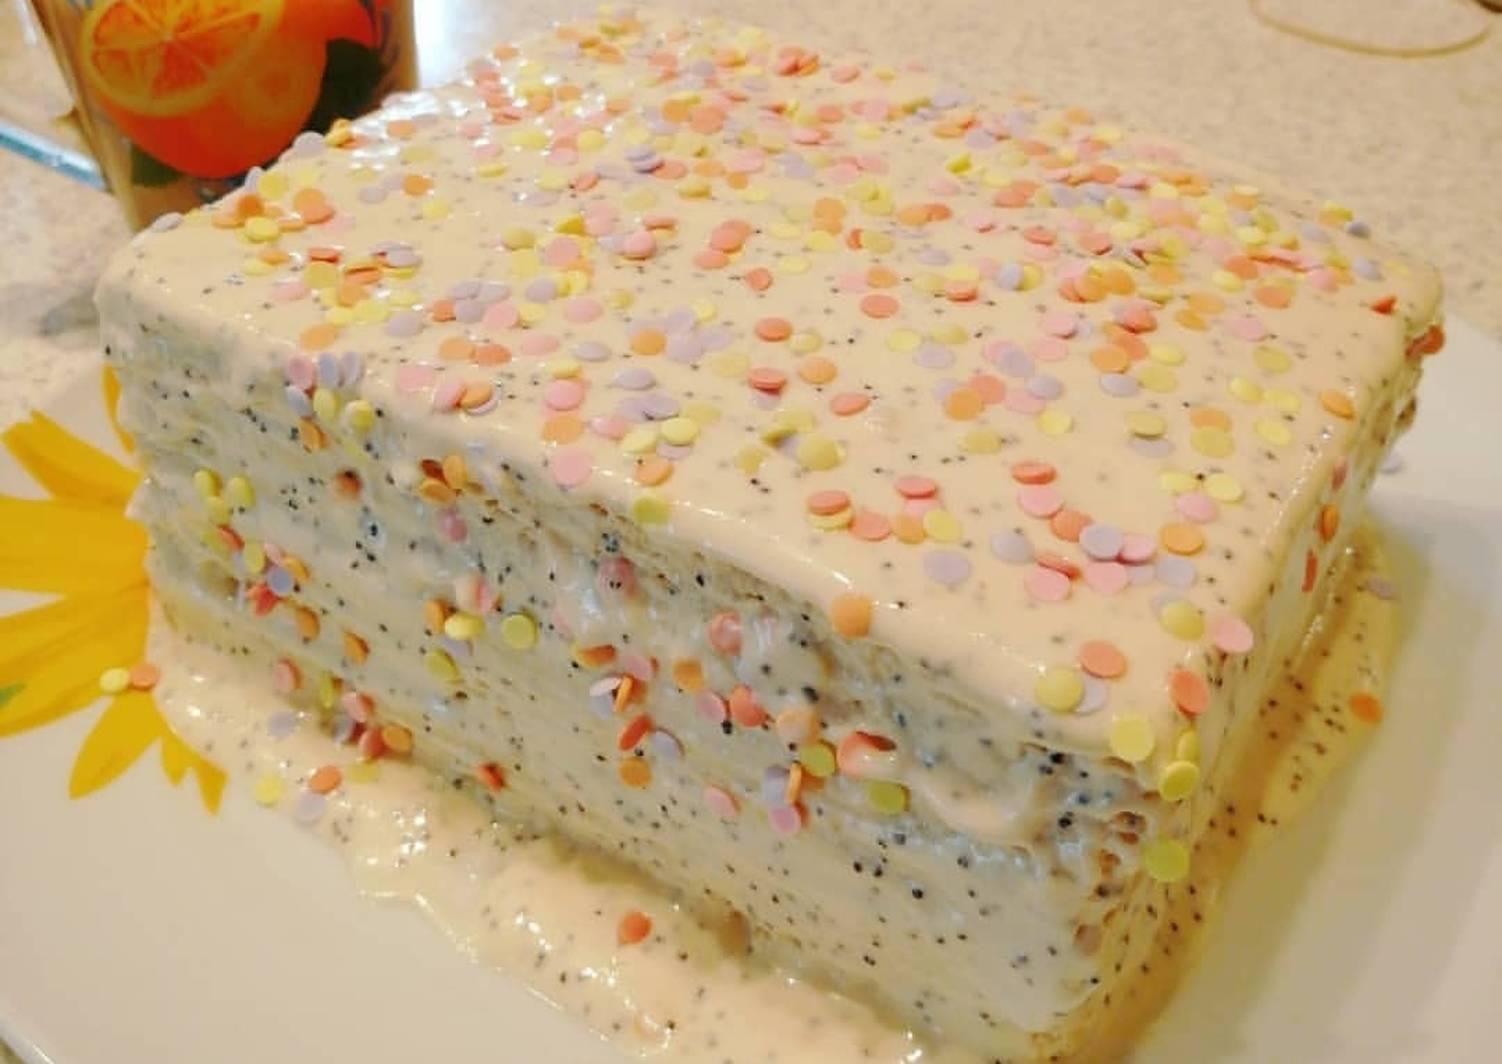 пошаговые рецепты домашних тортов без выпечки фото дважды хотели